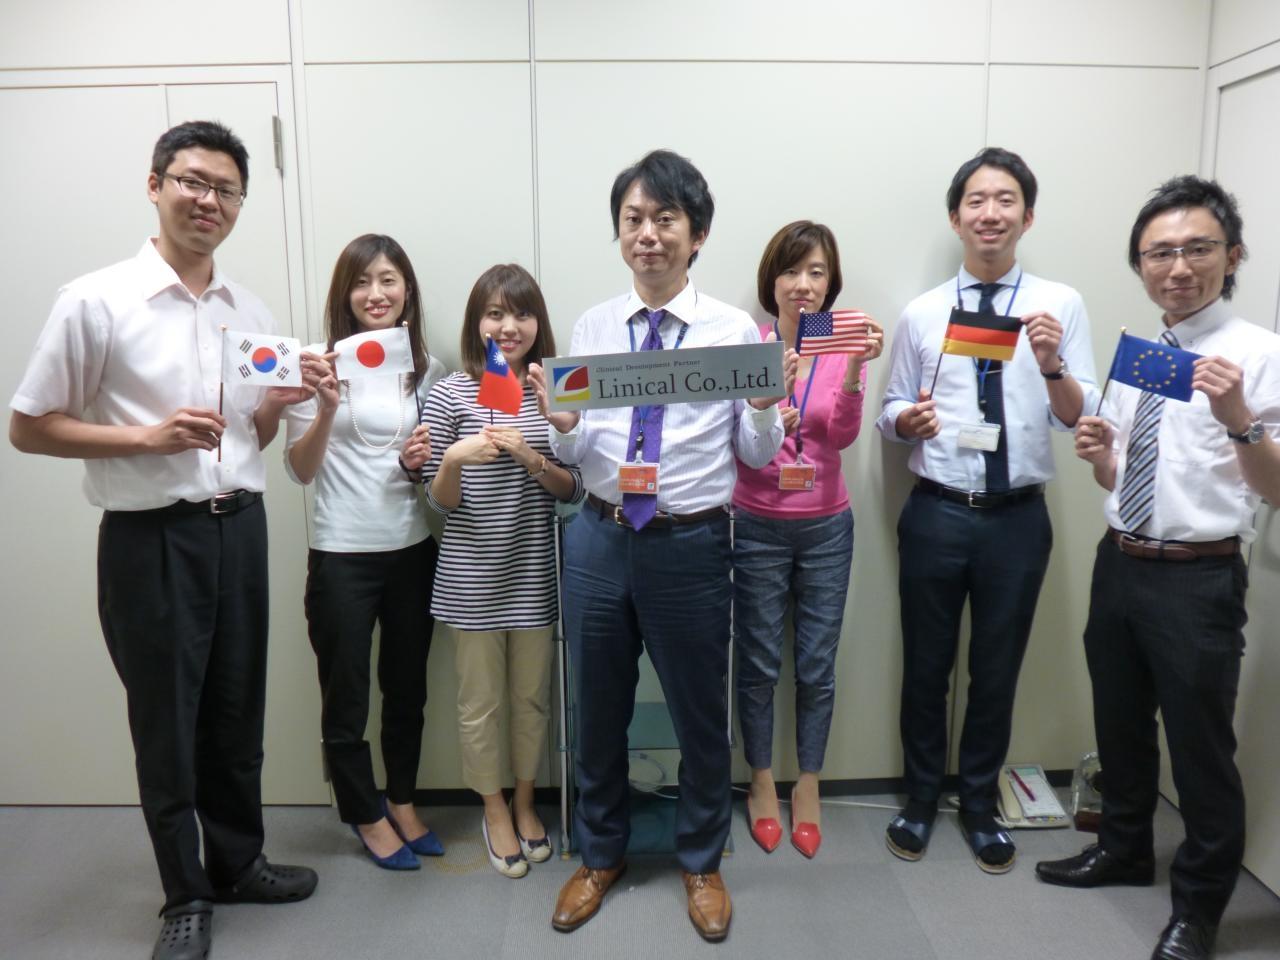 株式会社リニカル/【臨床開発モニター(CRA)】 大阪本社勤務